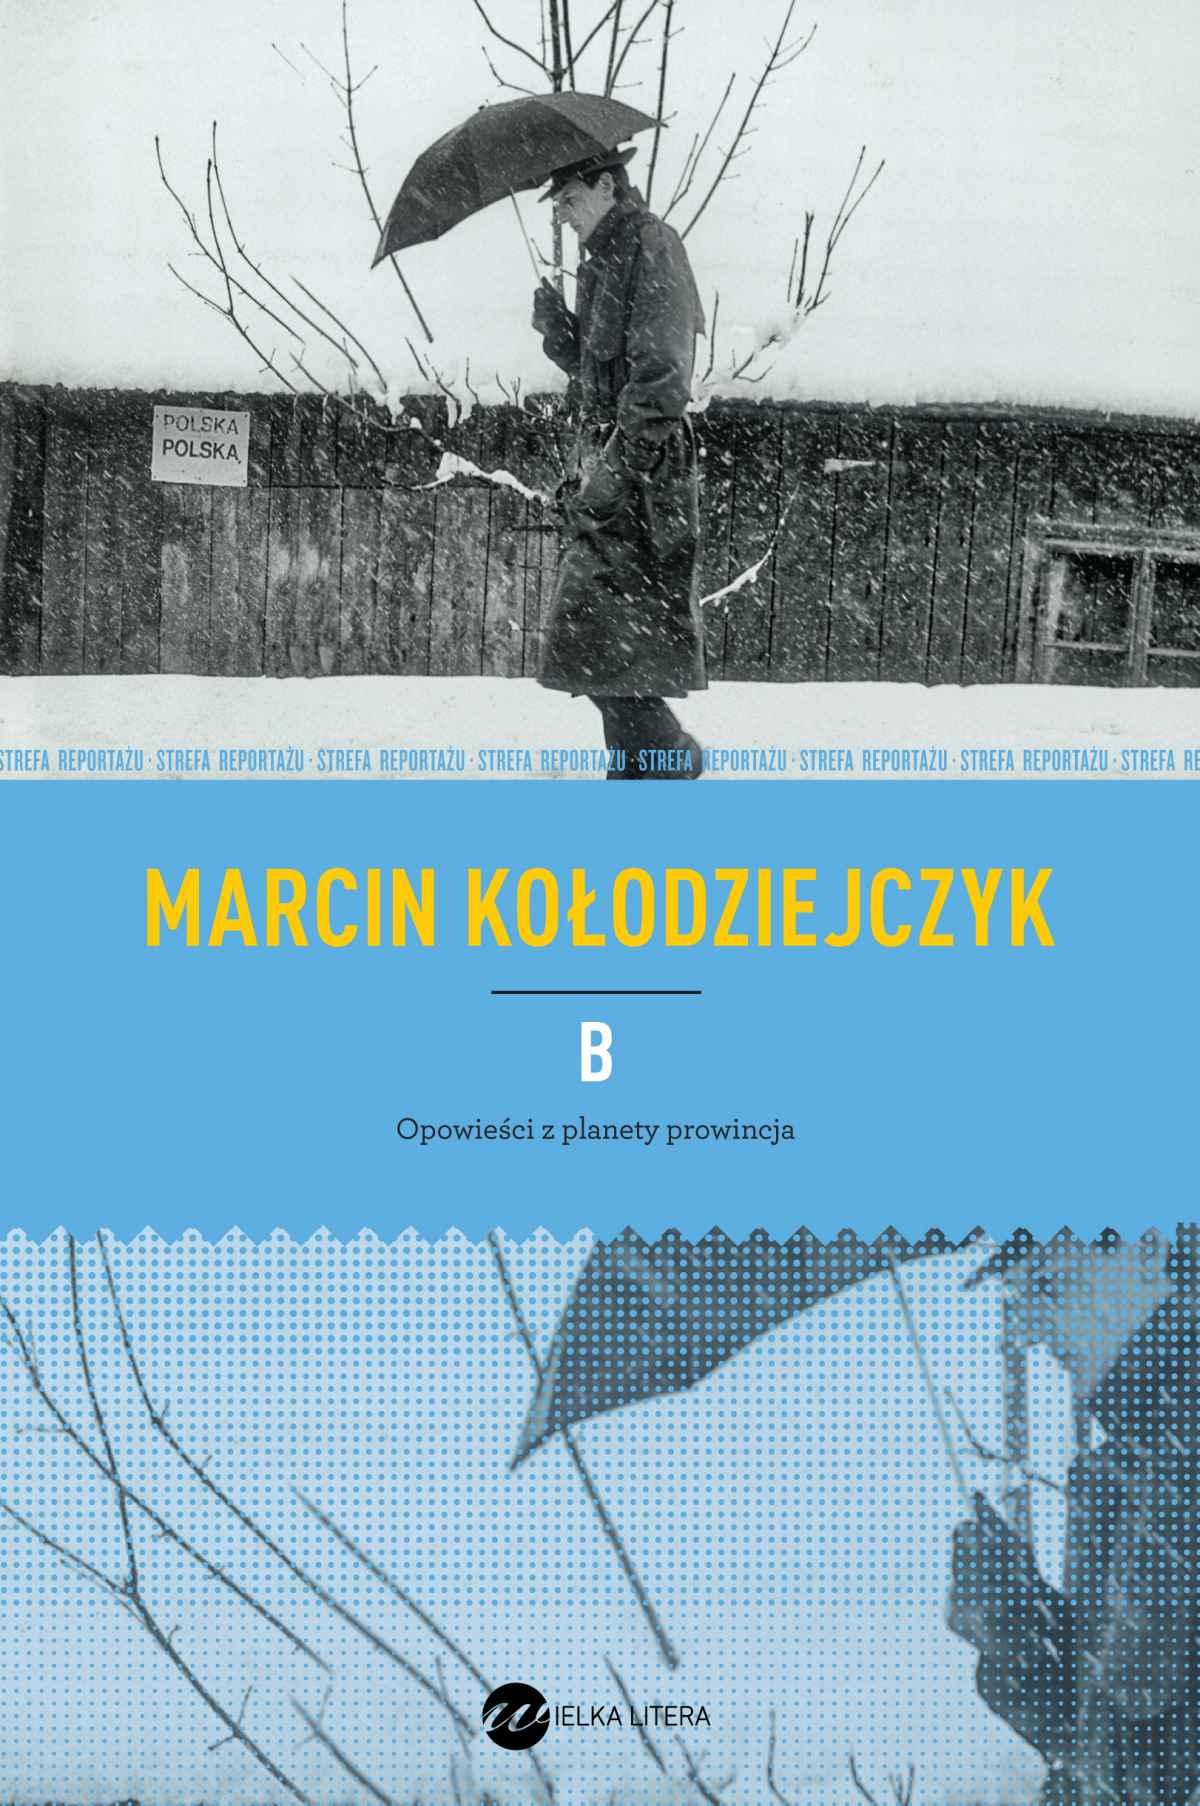 B. Opowieści z planety prowincja - Ebook (Książka na Kindle) do pobrania w formacie MOBI